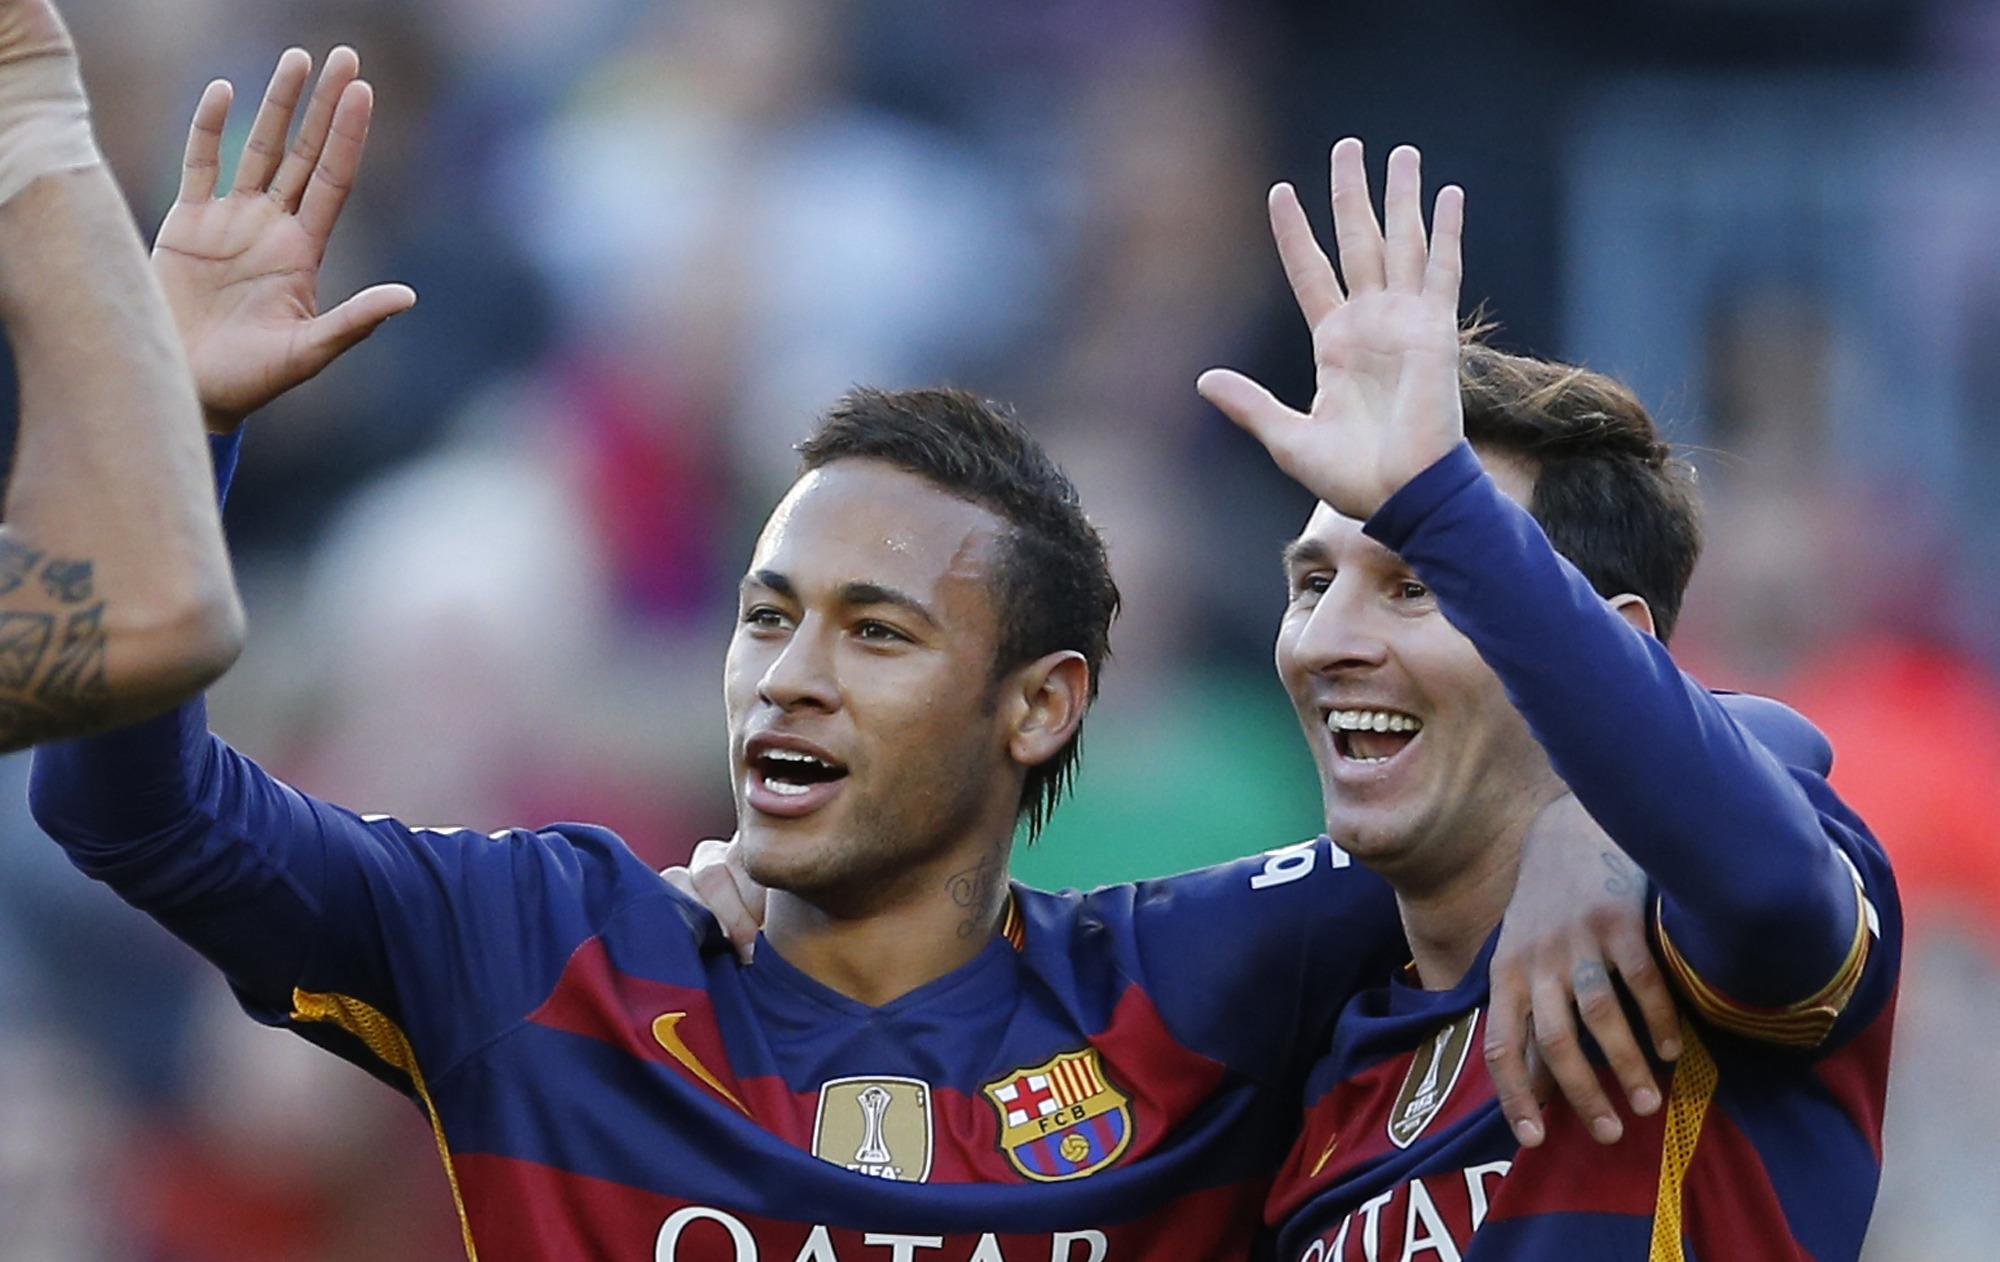 Neymar was embarrassed to speak to Messi